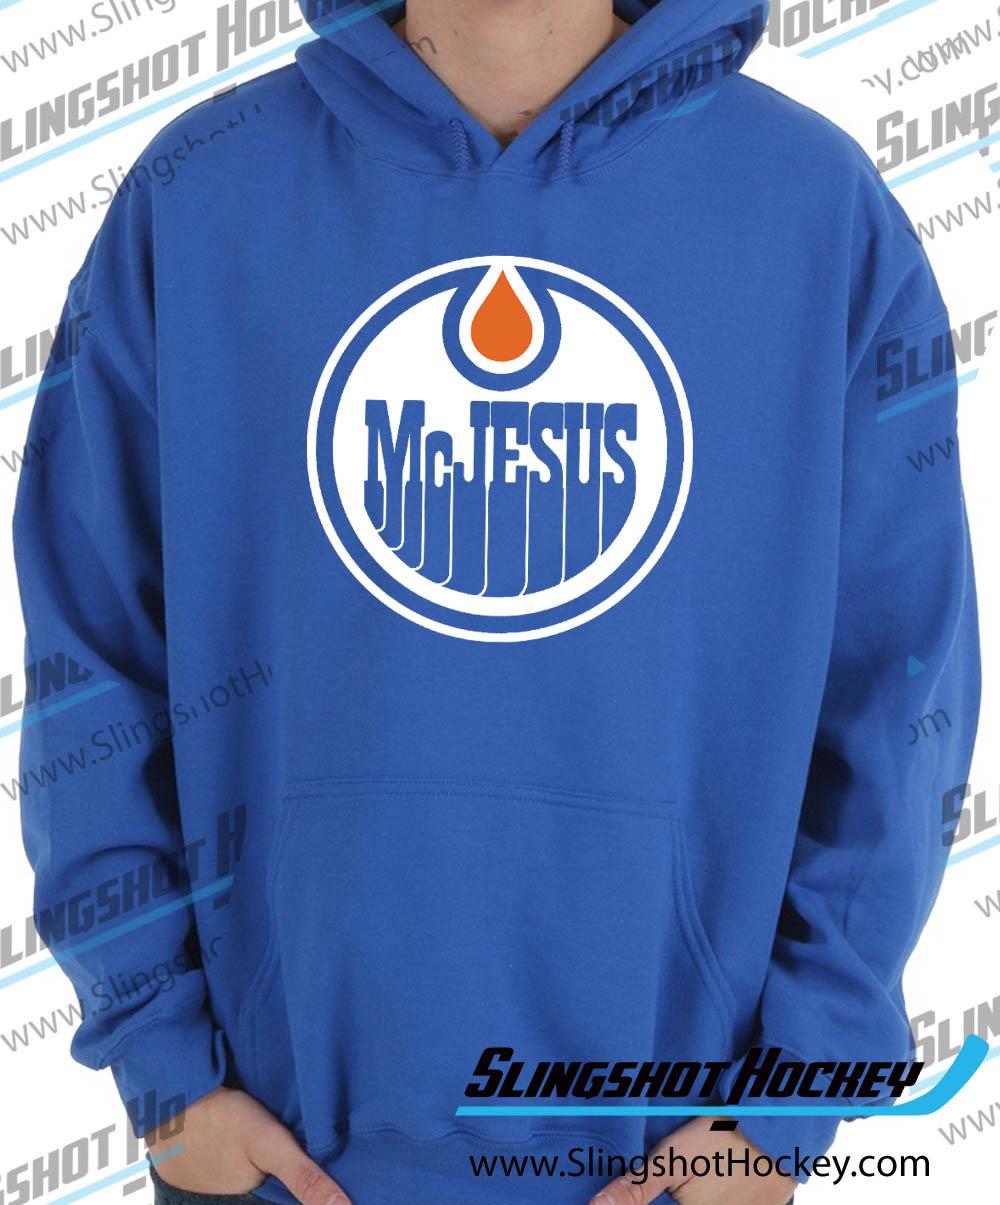 Connor Mcjesus : connor, mcjesus, McJesus, Pullover, Sweatshirt, Hoodie, Slingshot, Hockey